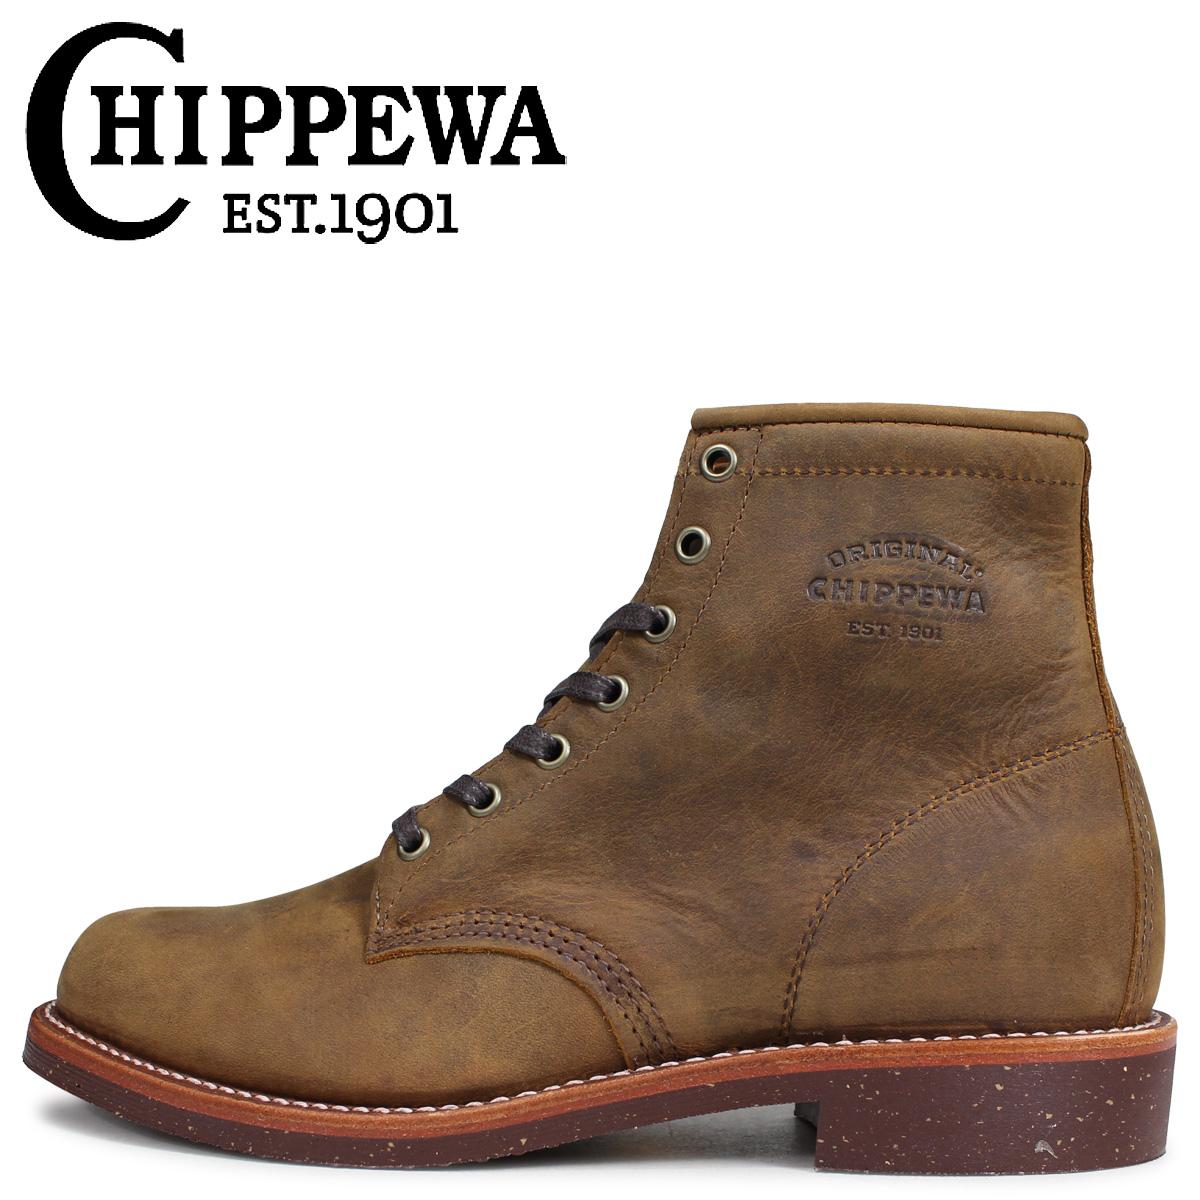 CHIPPEWA チペワ 6INCH SERVICE BOOT ブーツ 6インチ サービス ブーツ 1901M29 Dワイズ EEワイズ タン メンズ [3/30 追加入荷]